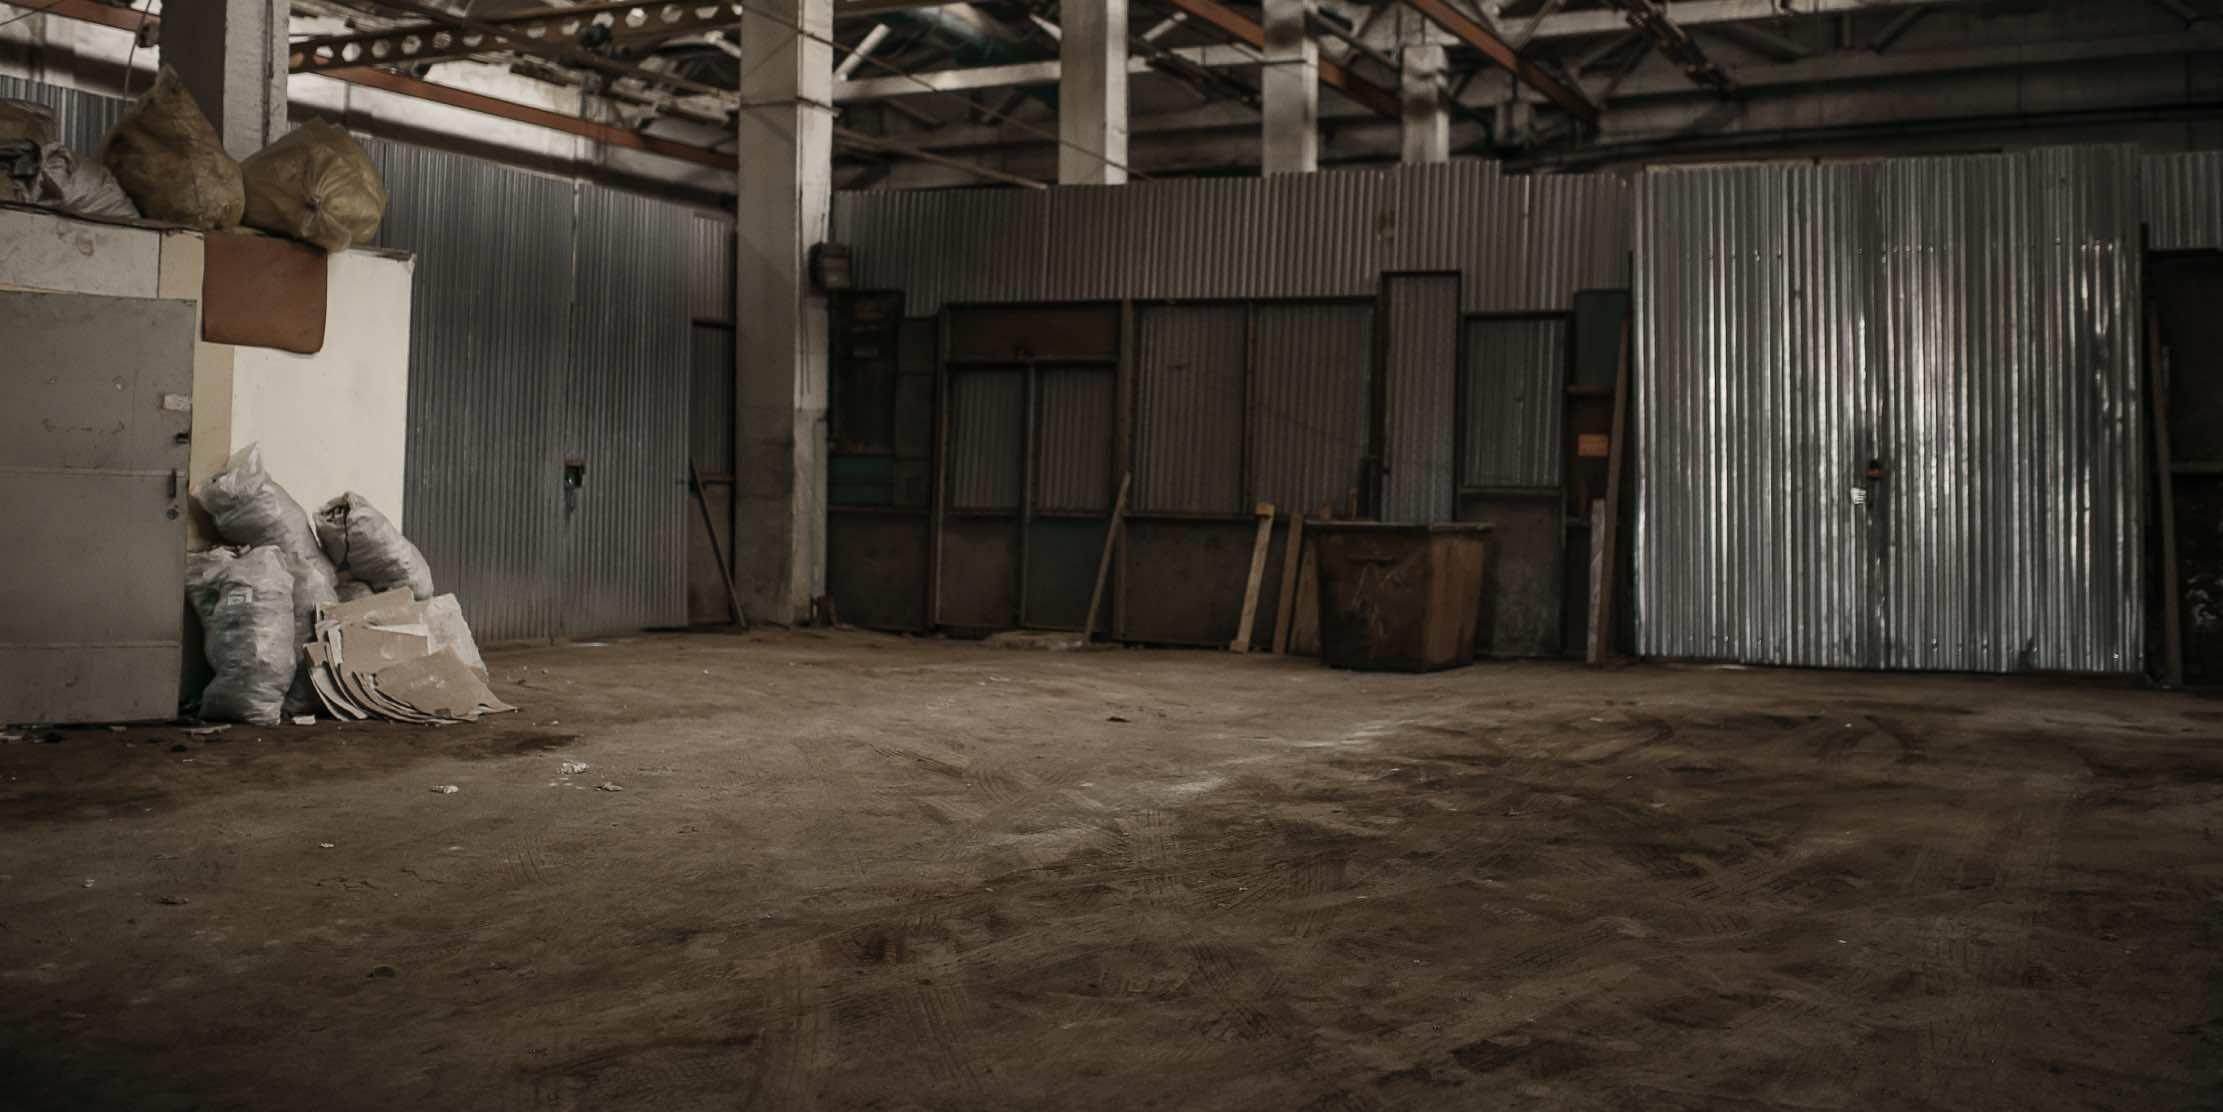 Schlamm und laubflecken auf betonböden